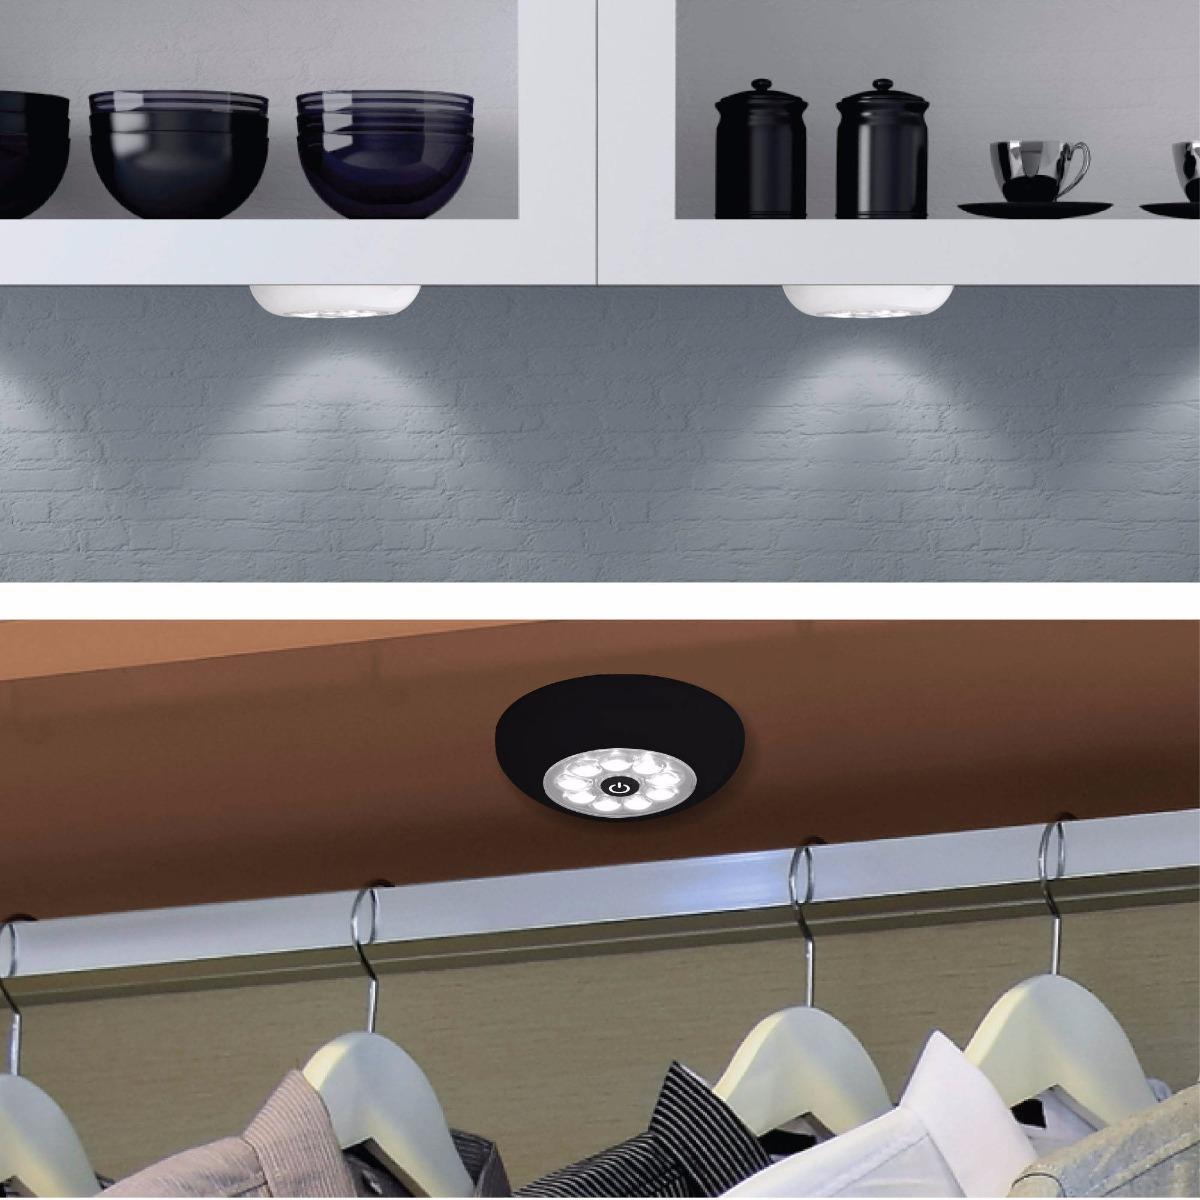 Lampara foco luz led para cocina closet pilas incluidas - Focos led cocina ...